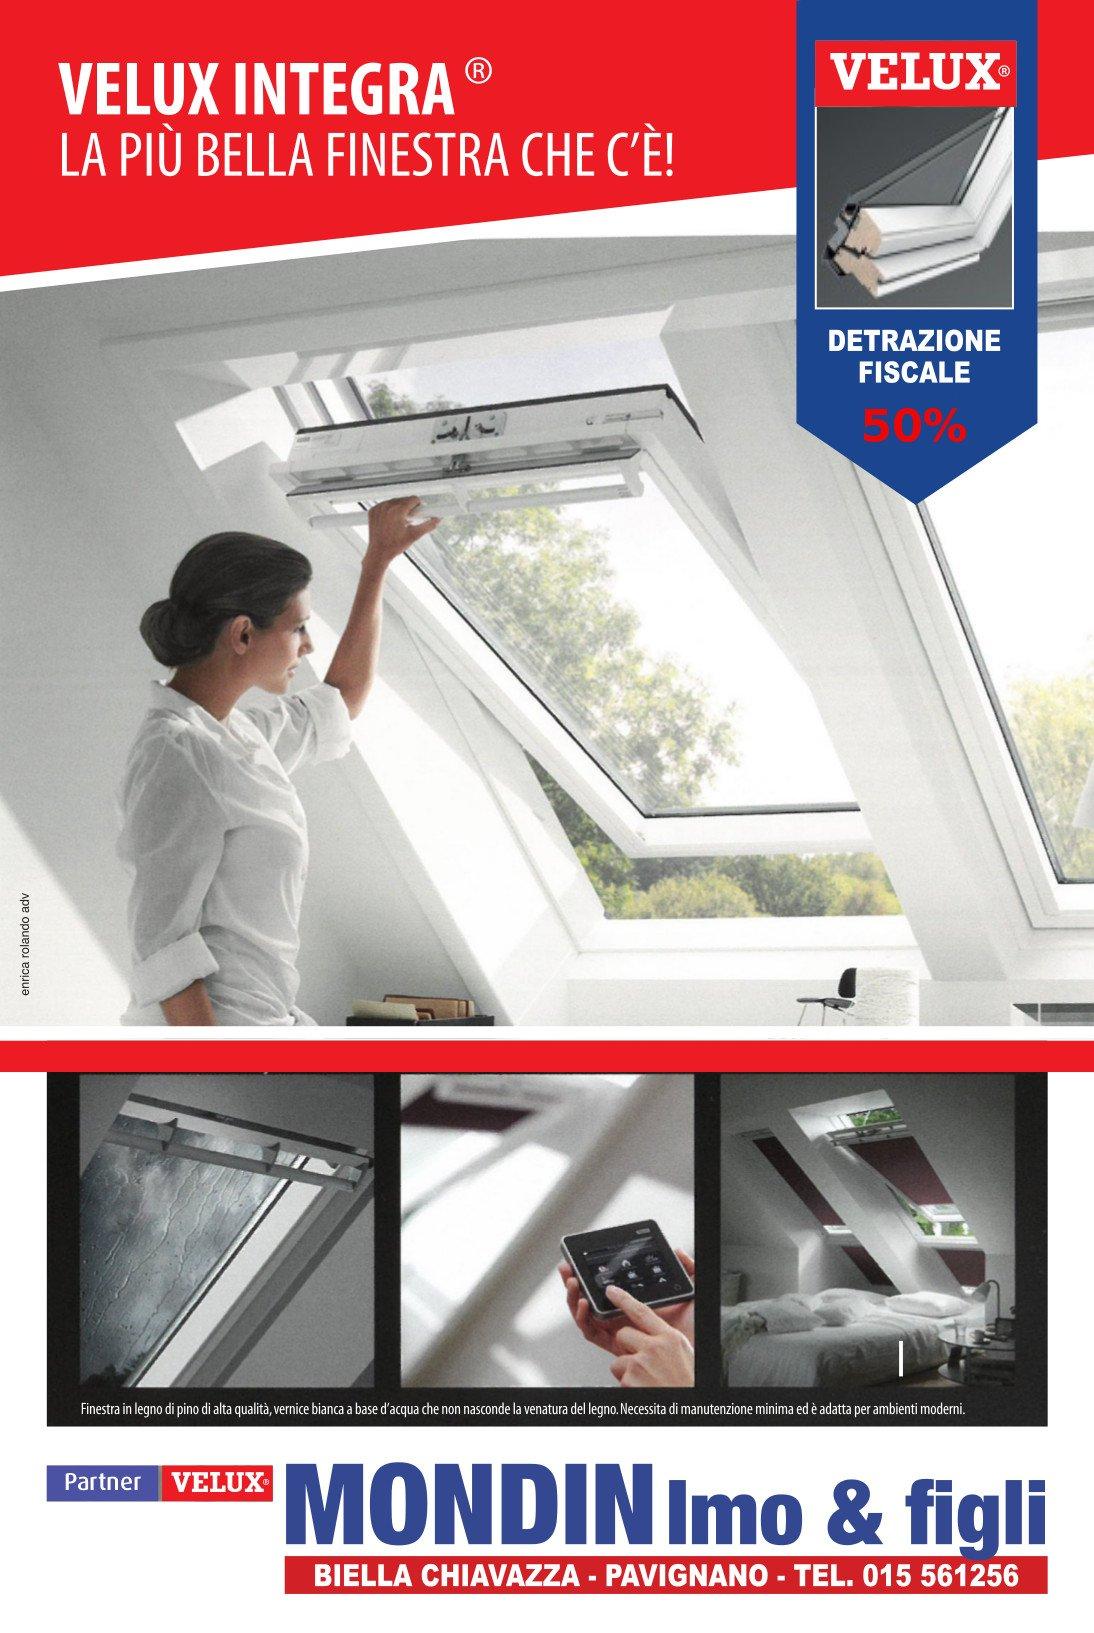 Velux la finestra per tetti biella mondin imo figli for Velux tende ricambi